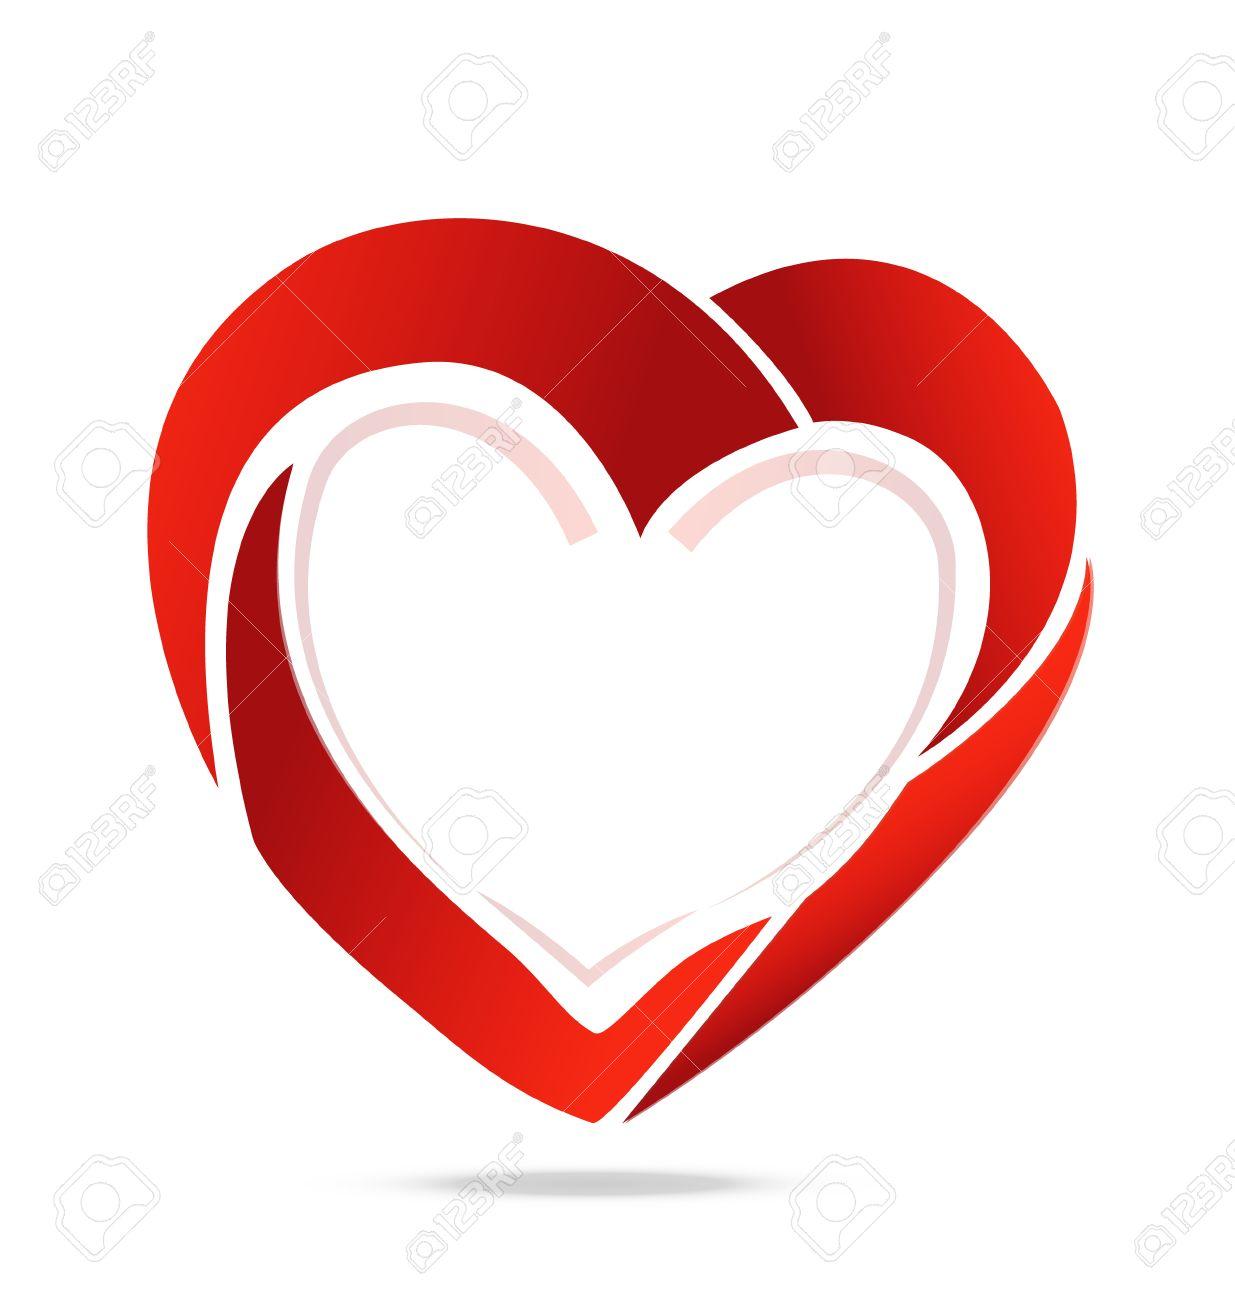 Swoosh heart love symbol Stock Vector - 25327137